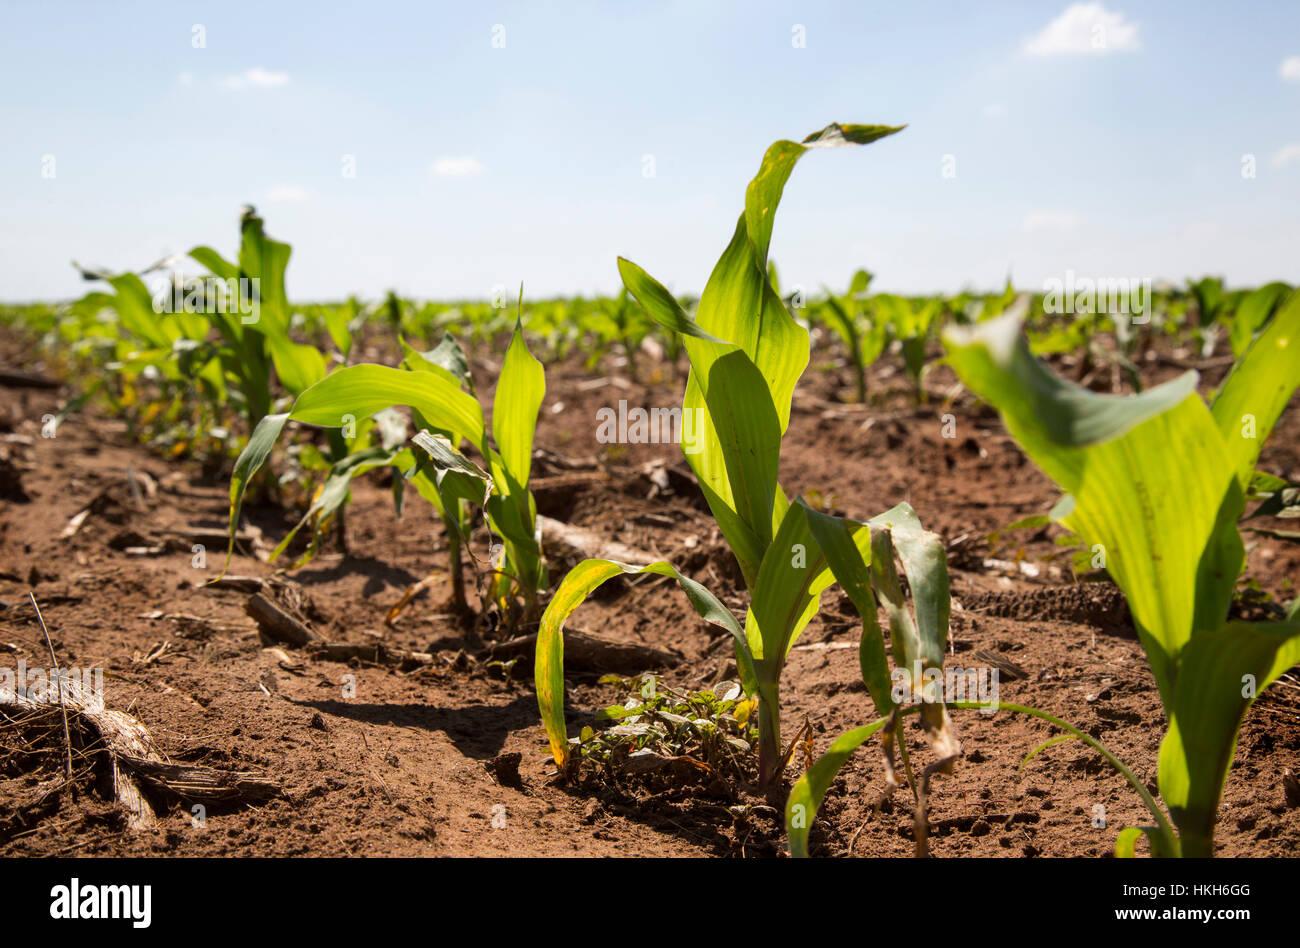 Portrait de jeunes plants de maïs (Zea mays) poussant dans un champ sur le Mielie highveld. Photo Stock